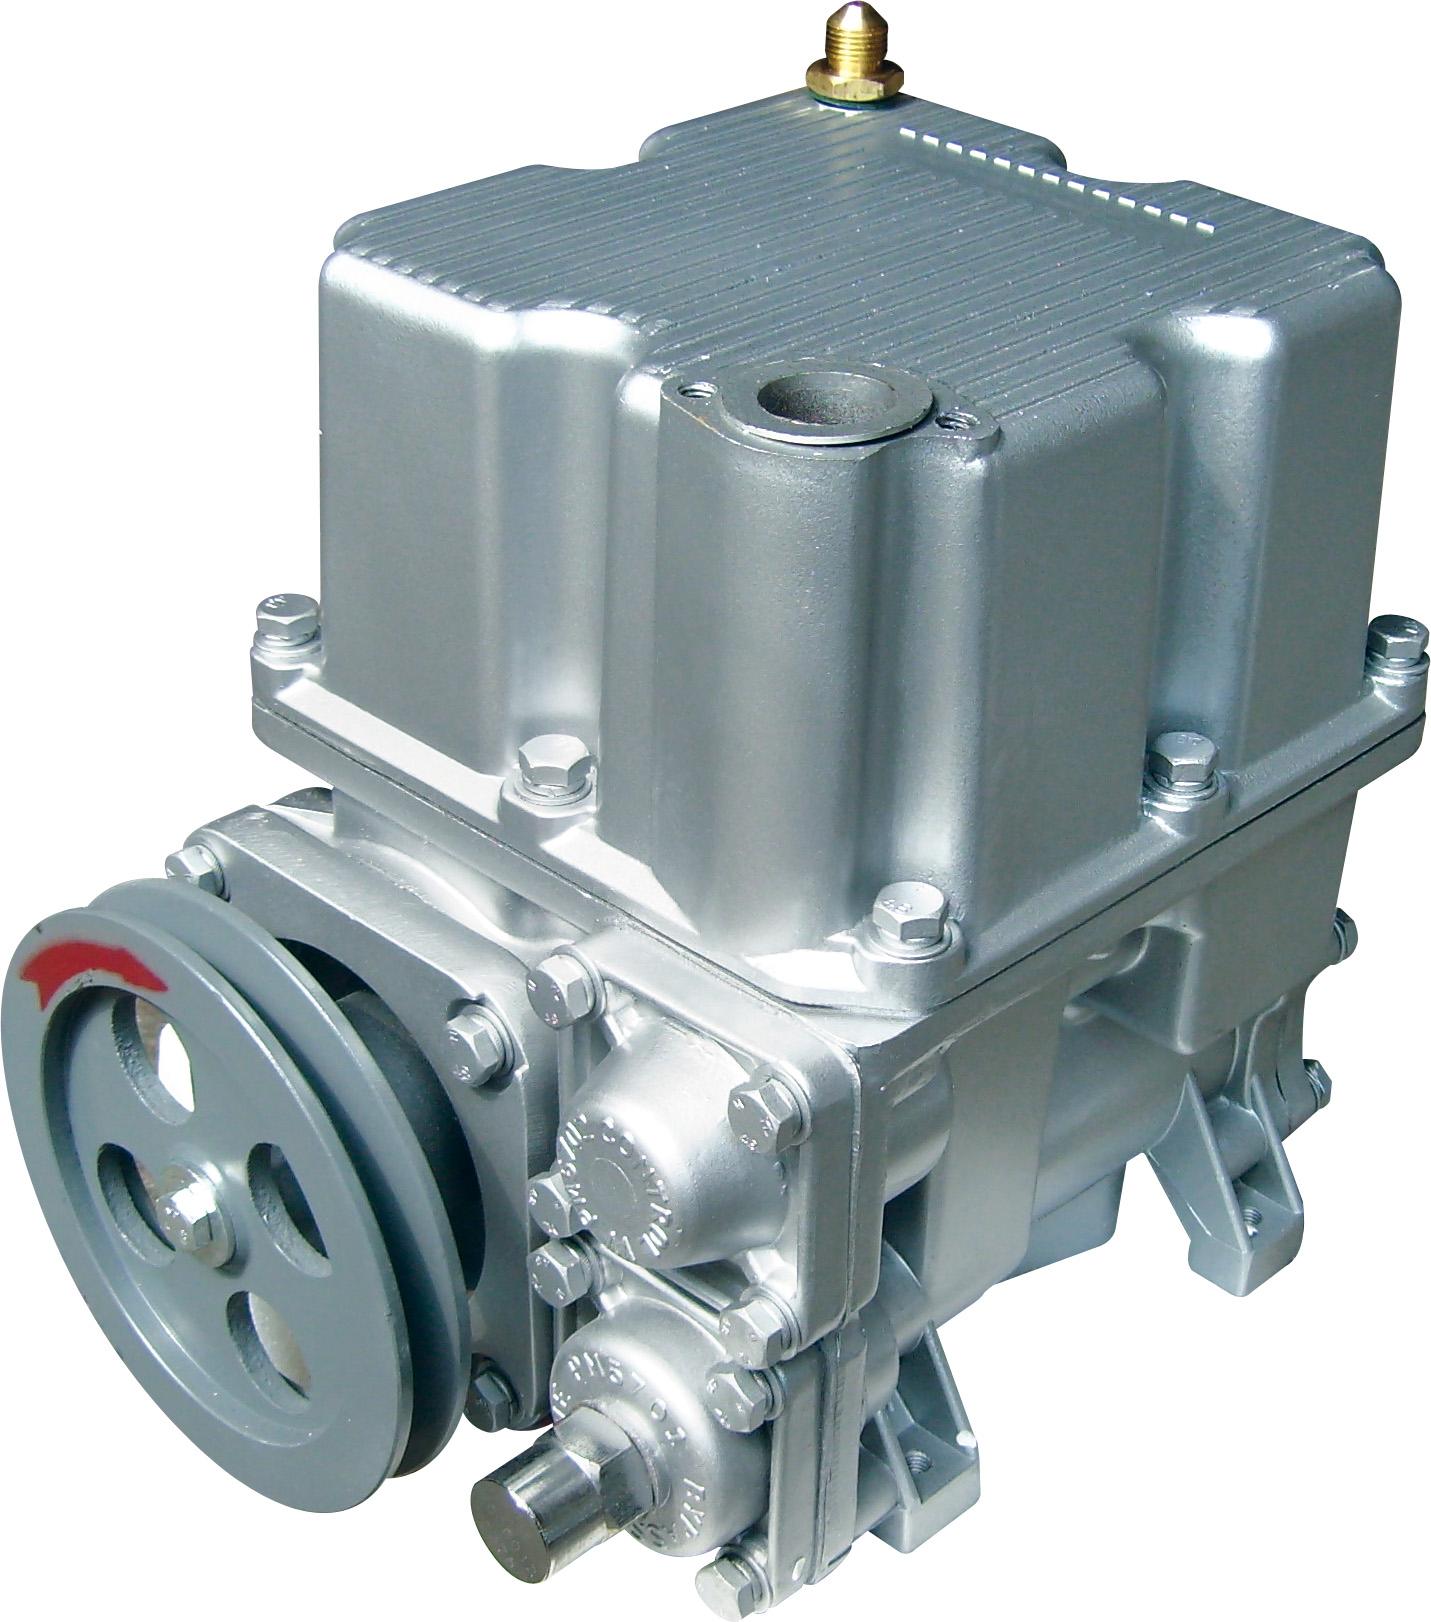 van-type pump